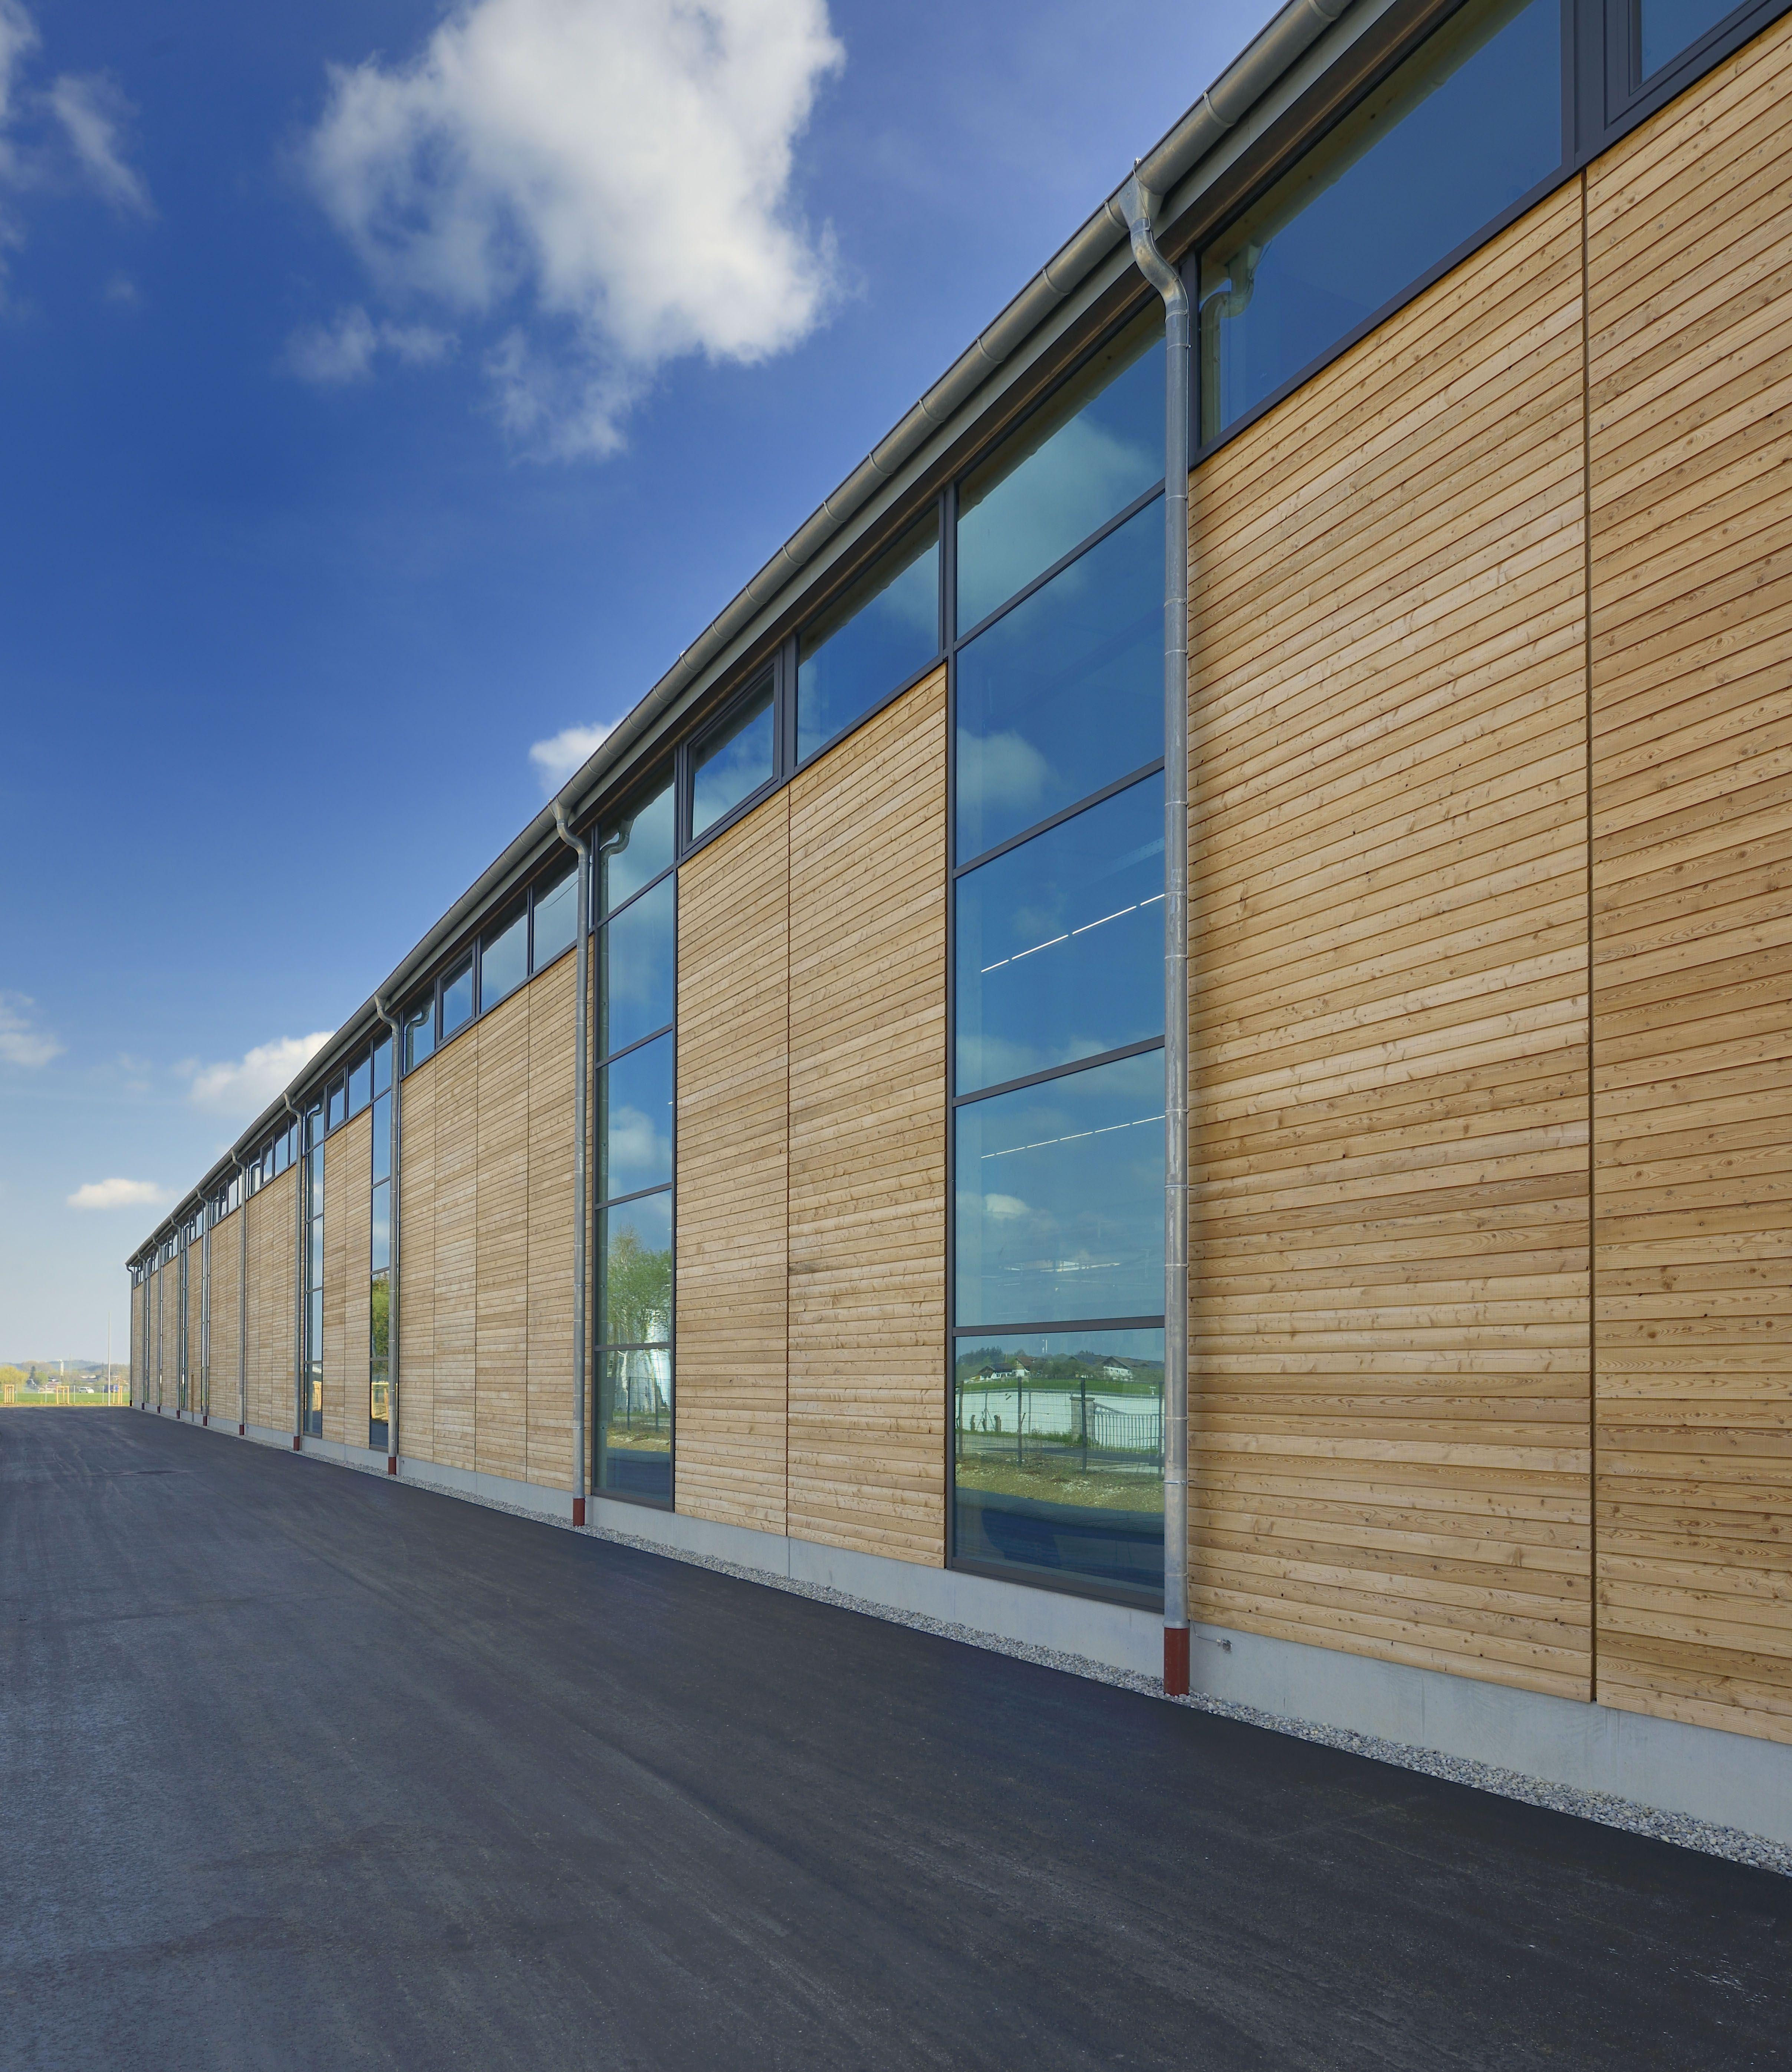 Unsere Eigene Produktionshalle. Durch Die Fassade Aus Viel Holz ... Glas Fassade Spiegelfassade Baumhaus